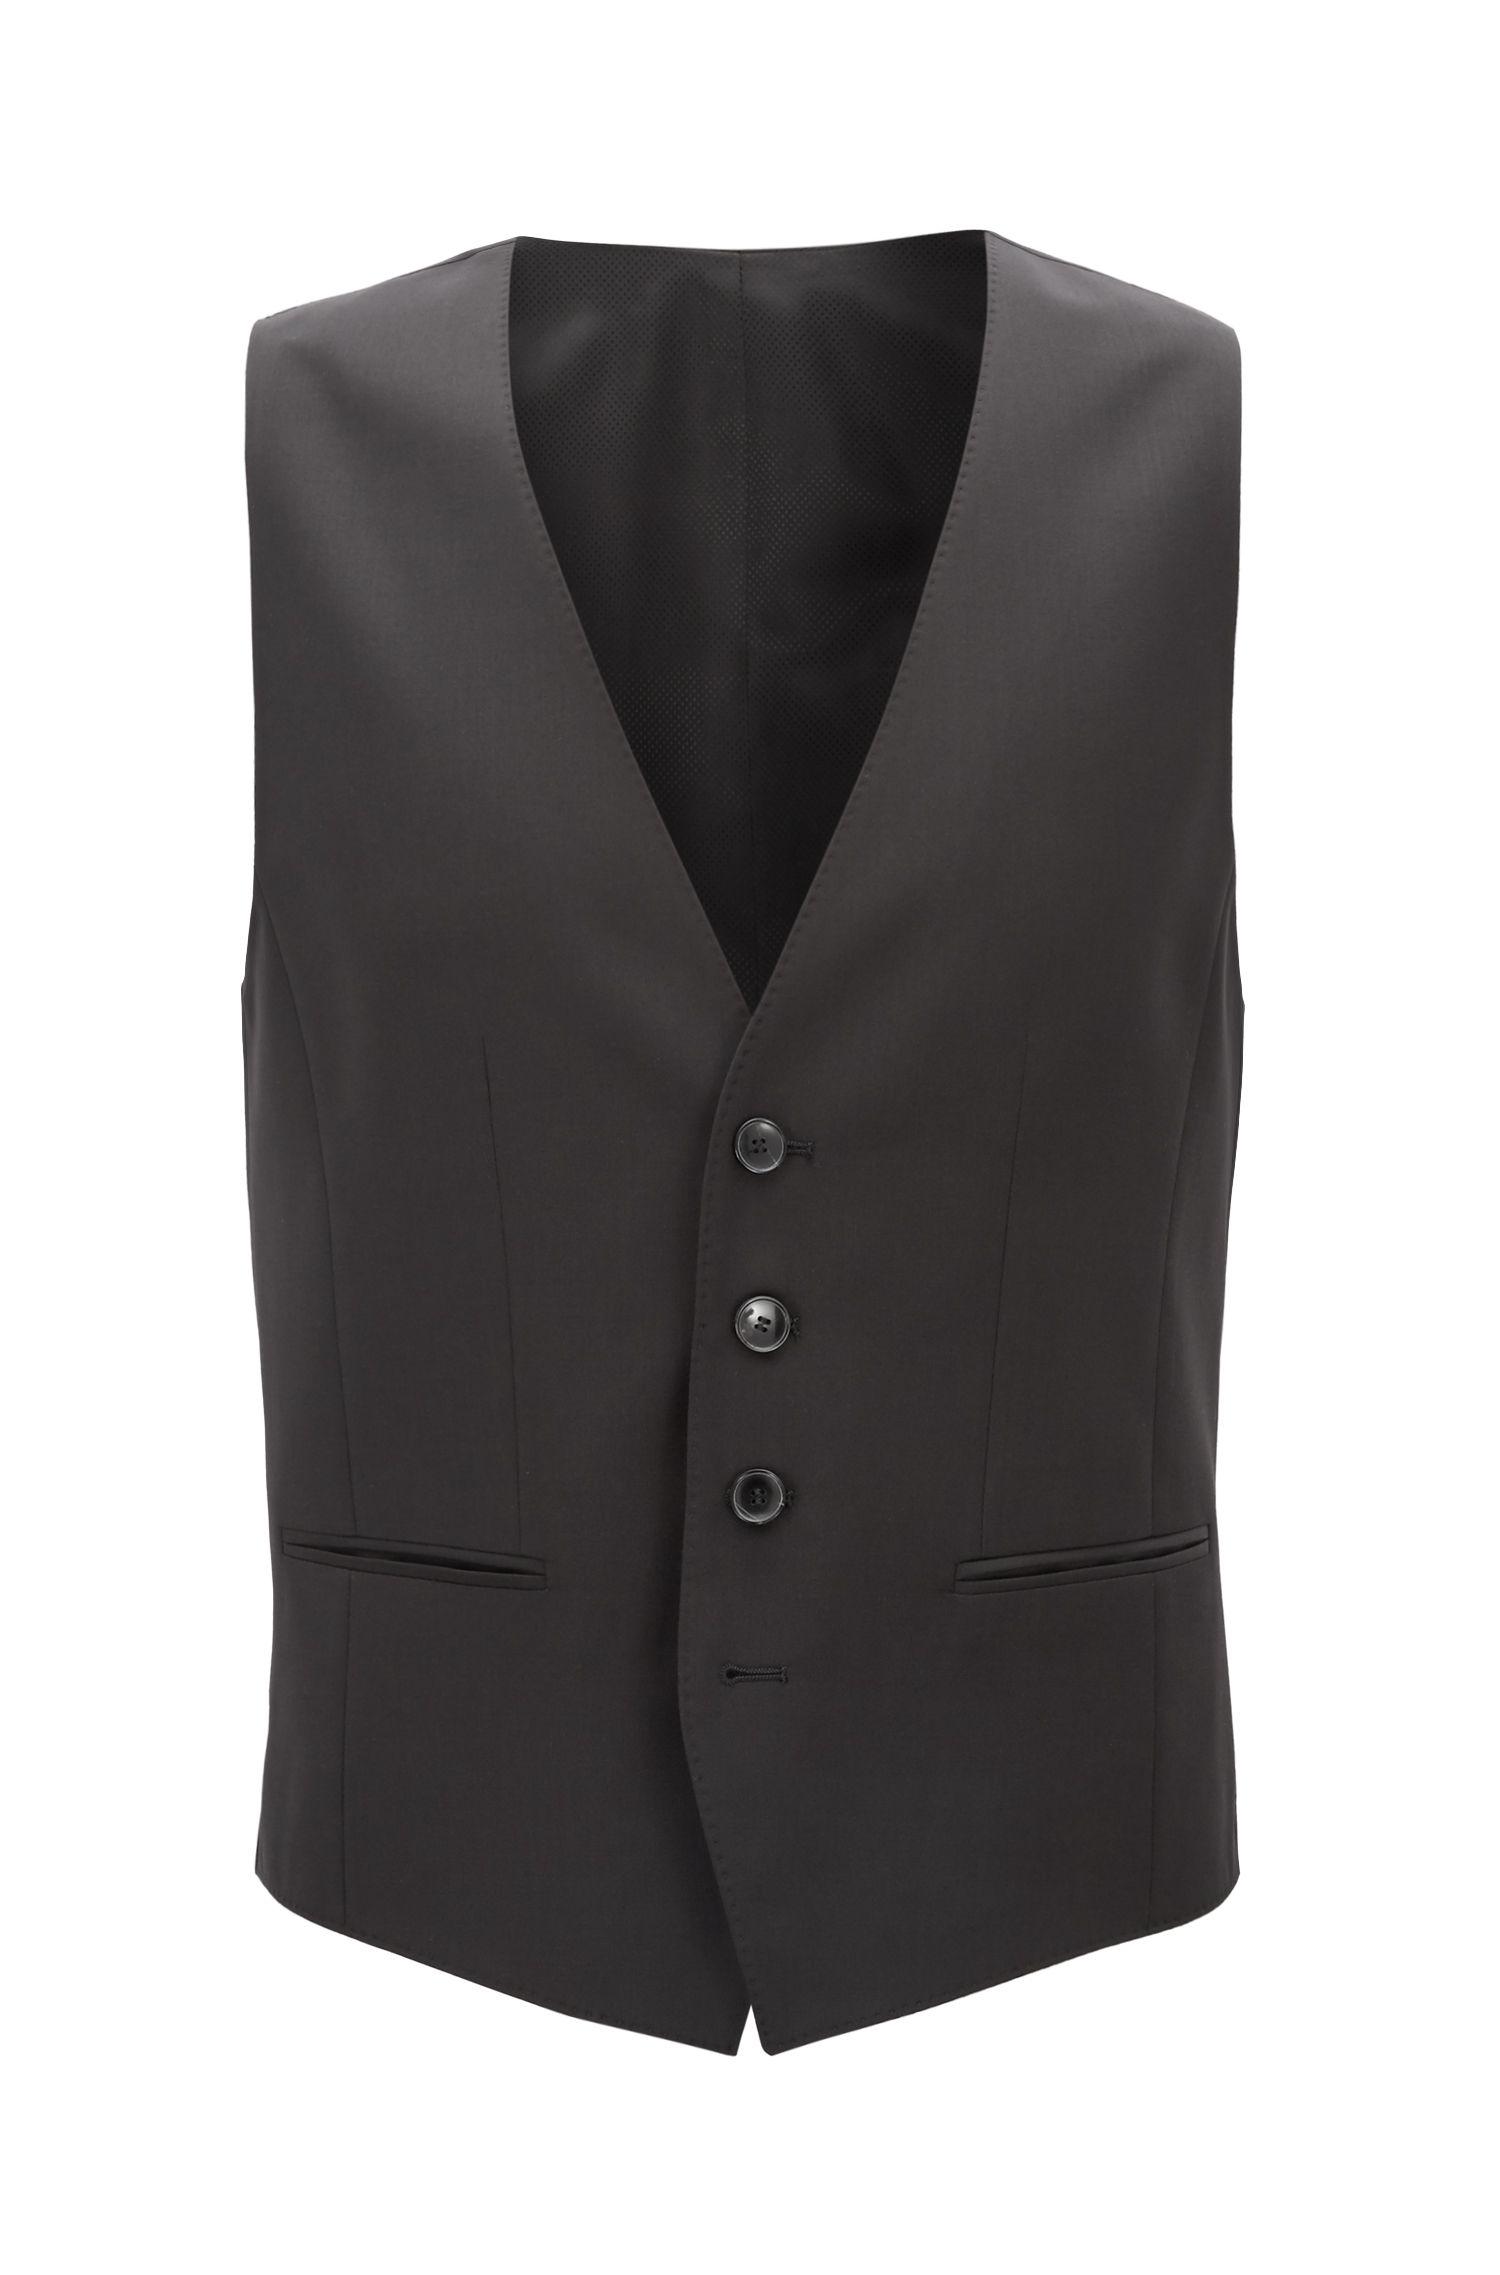 Virgin Wool Waistcoat, Slim Fit   Wilson CYL